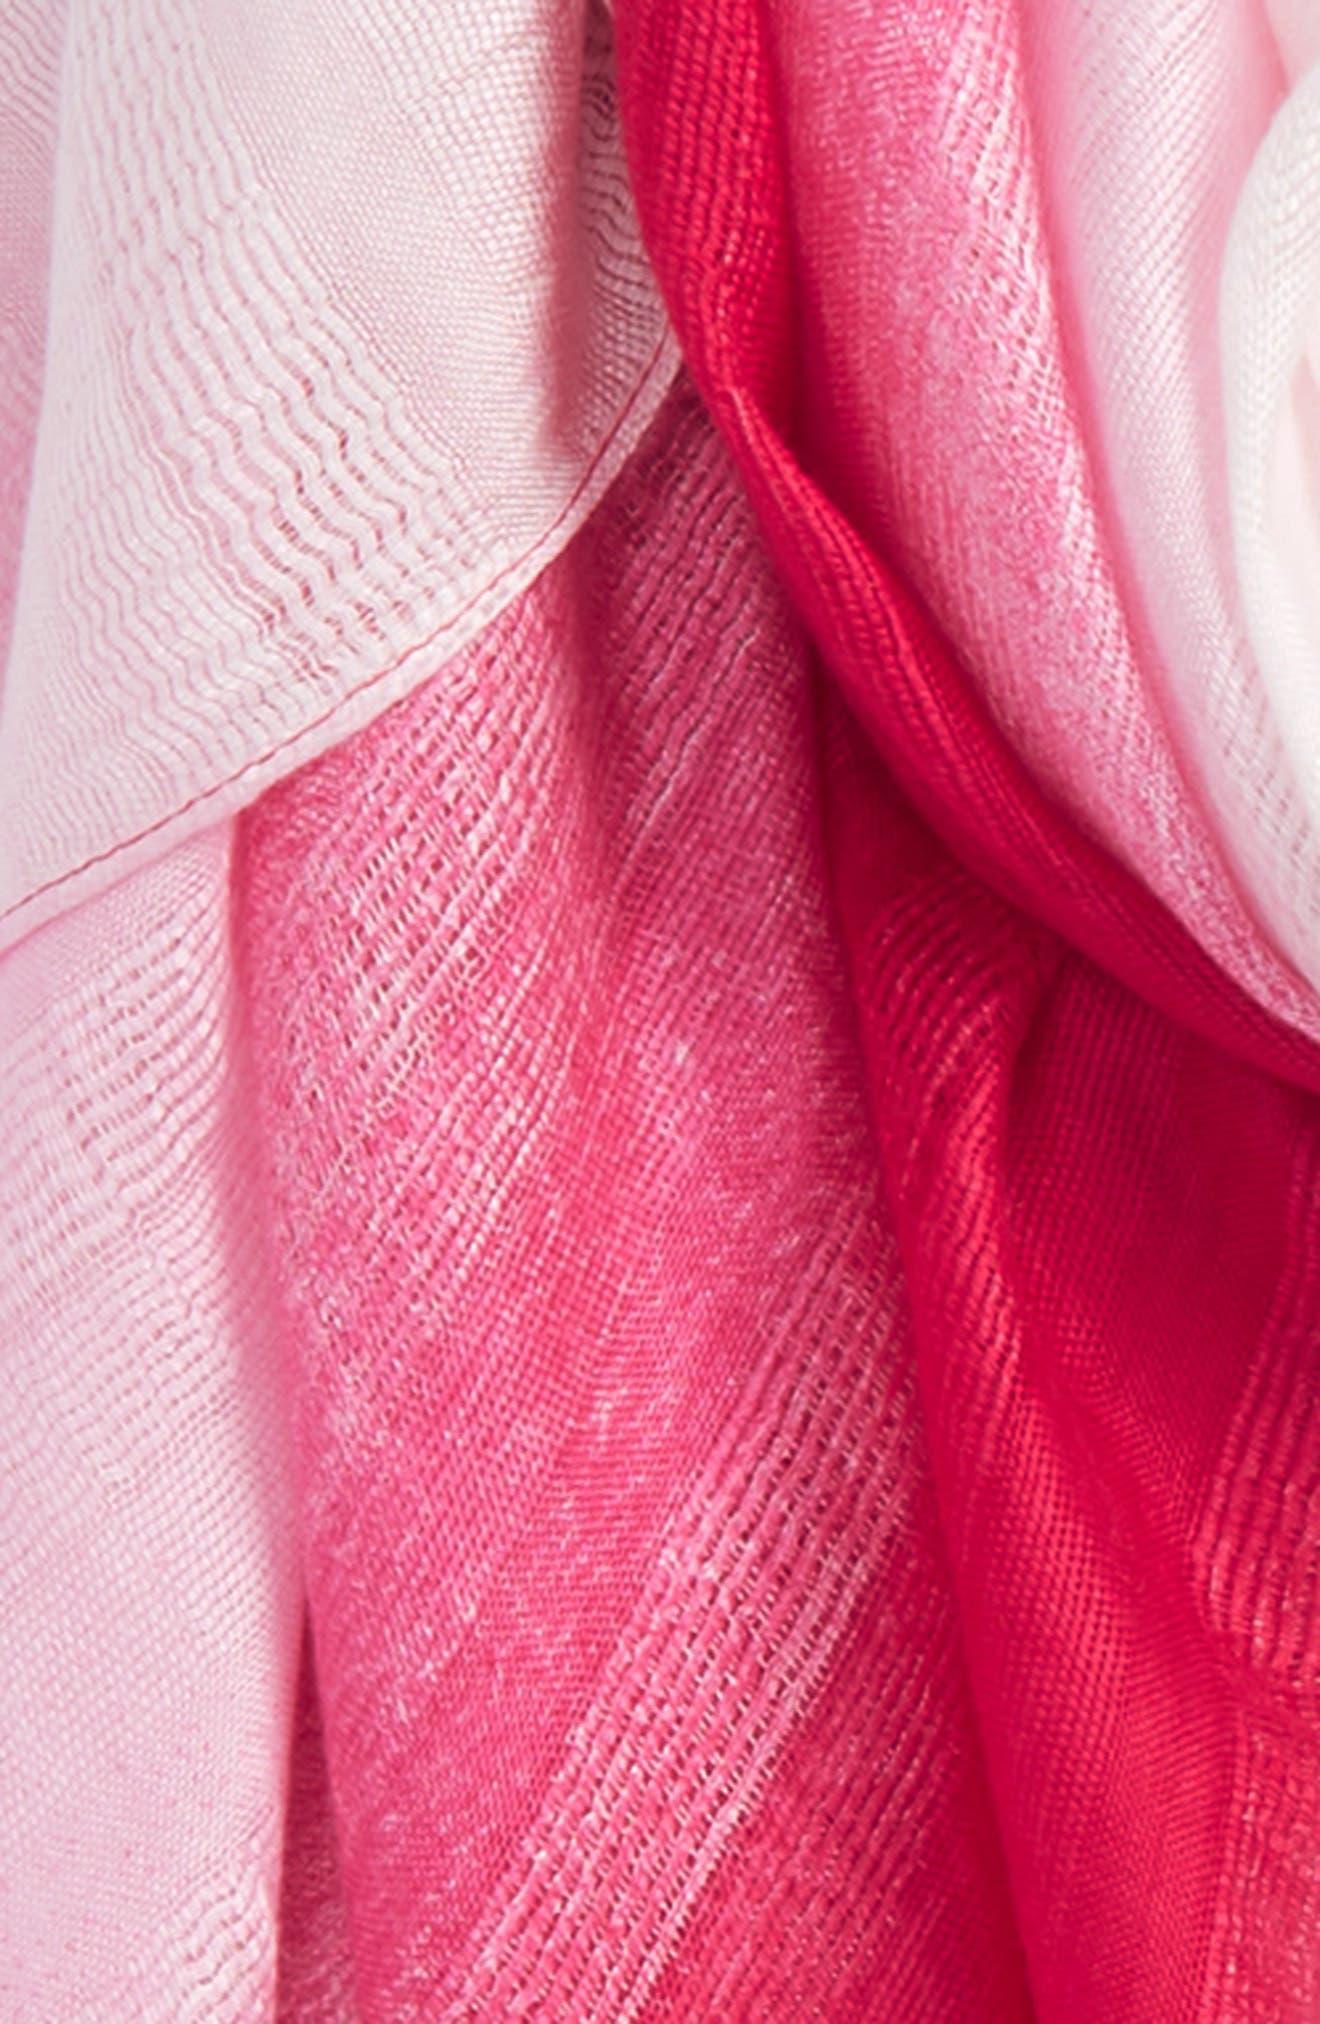 Caslon Ombré Pareo,                             Alternate thumbnail 3, color,                             Pink Ombre Print